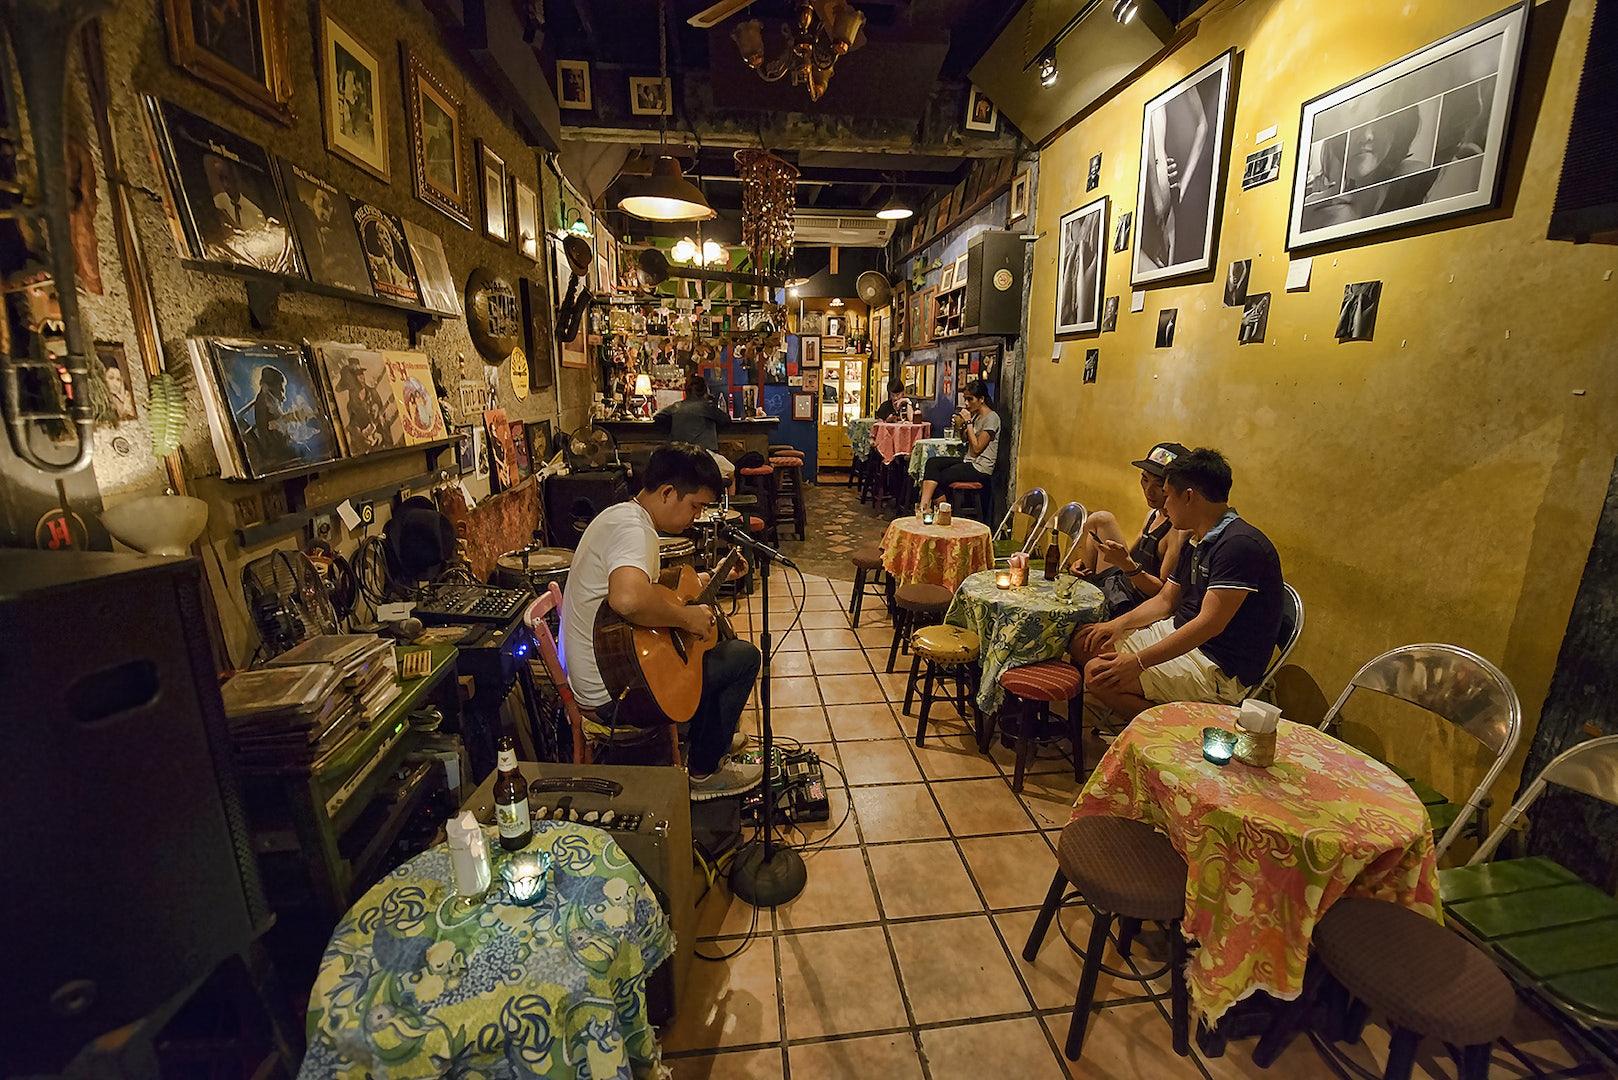 man playing guitar at Adhere the 13th Blues bar